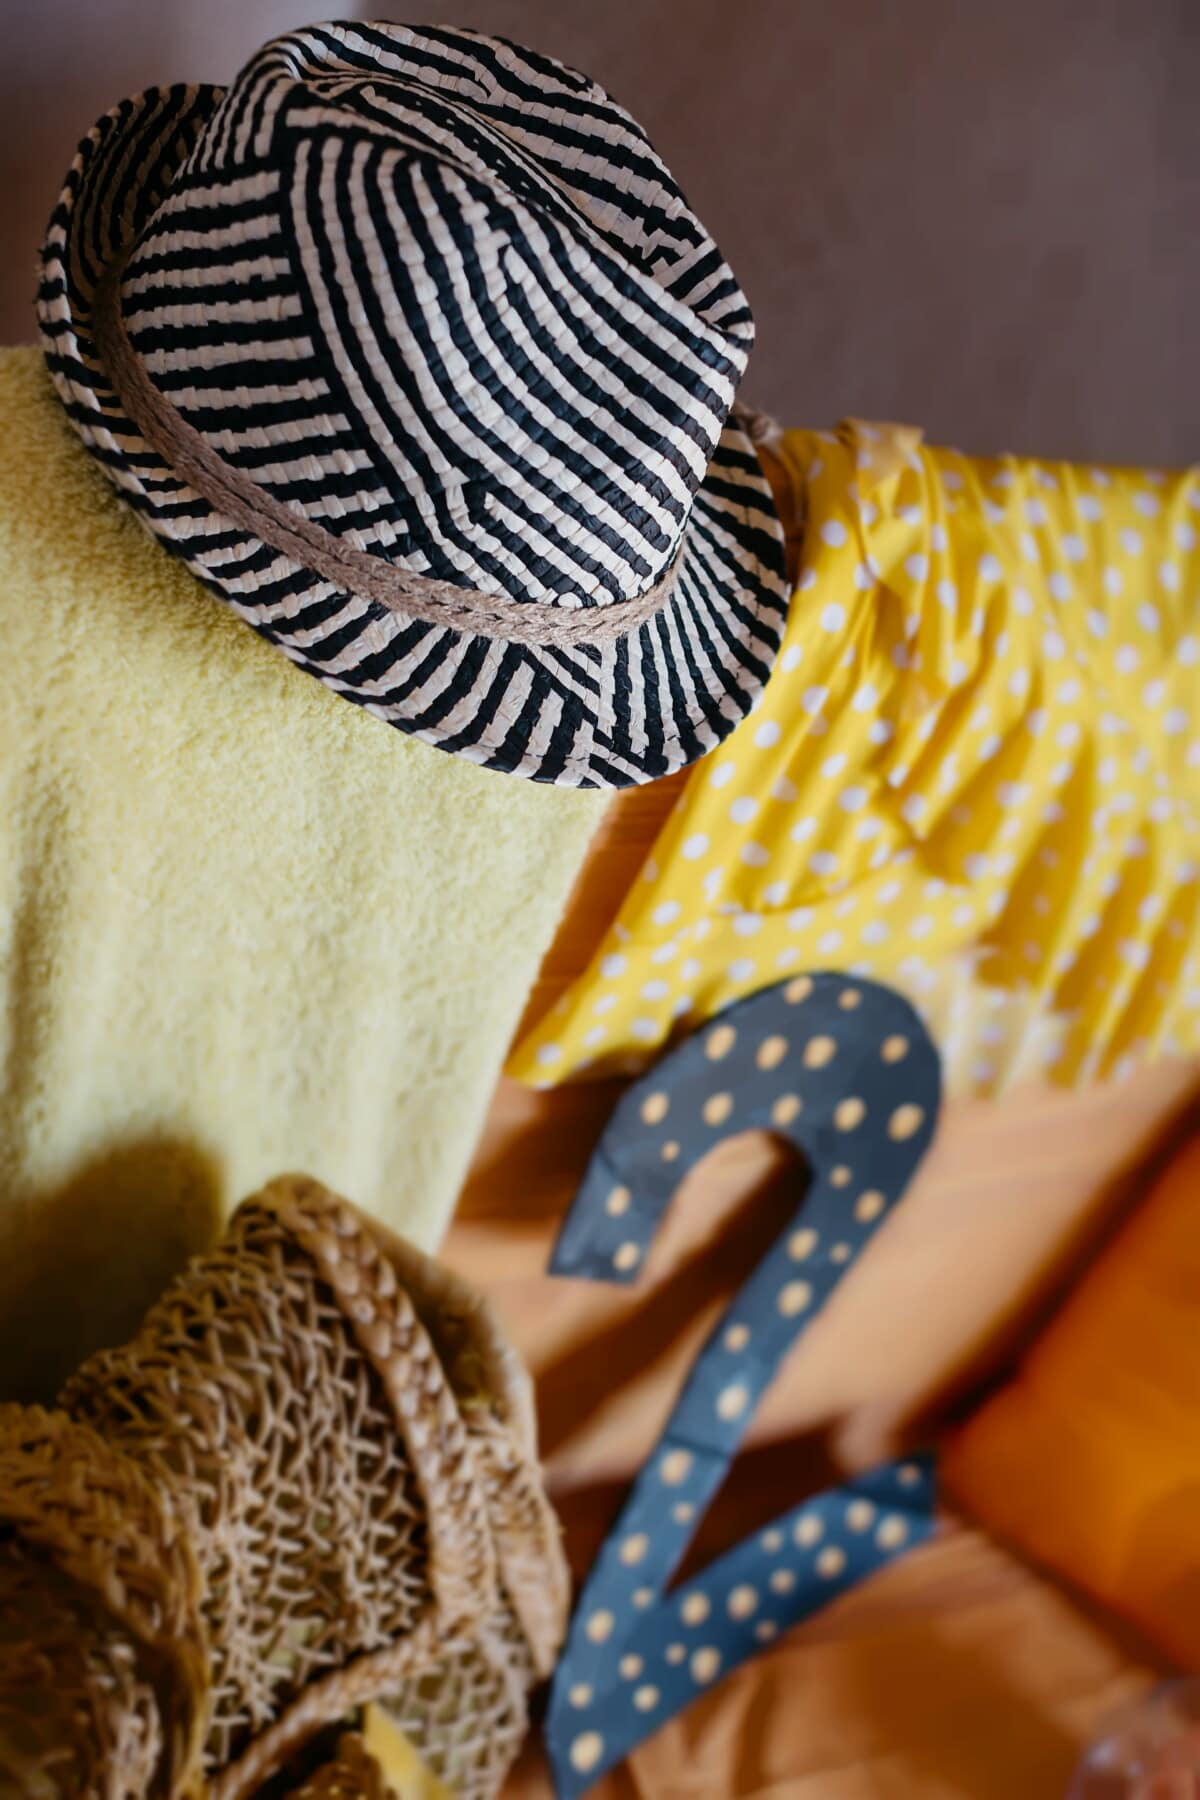 hat, 黑白, 老式, 毛巾, 橡皮布, 穿衣服, 手提包, 时尚, 室内设计, 室内装饰